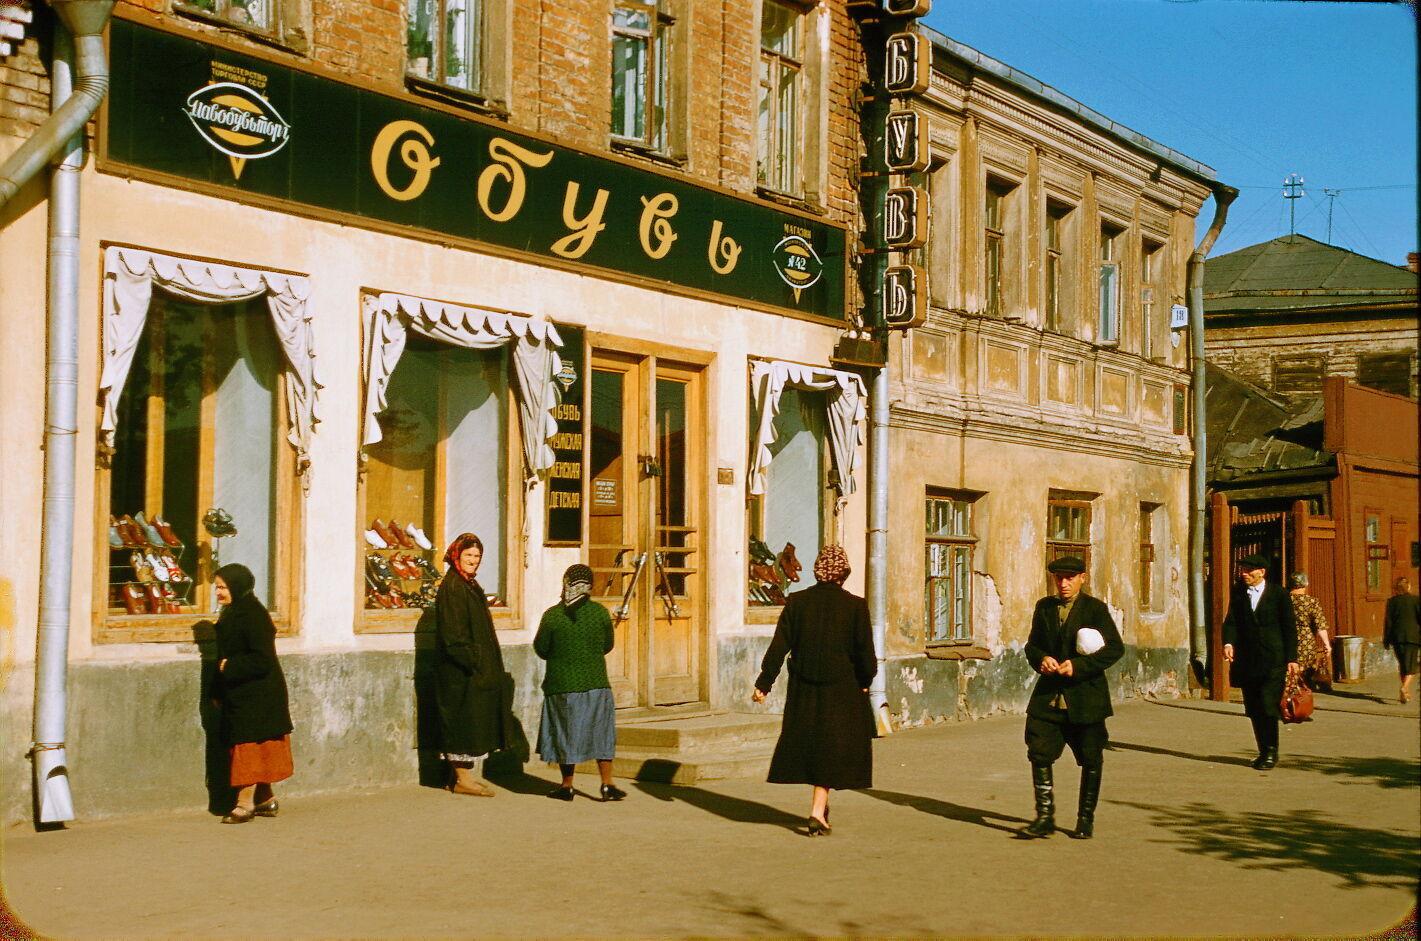 """Магазин """"Обувь"""" расположился в царской постройке, давно не видавшей ремонта"""